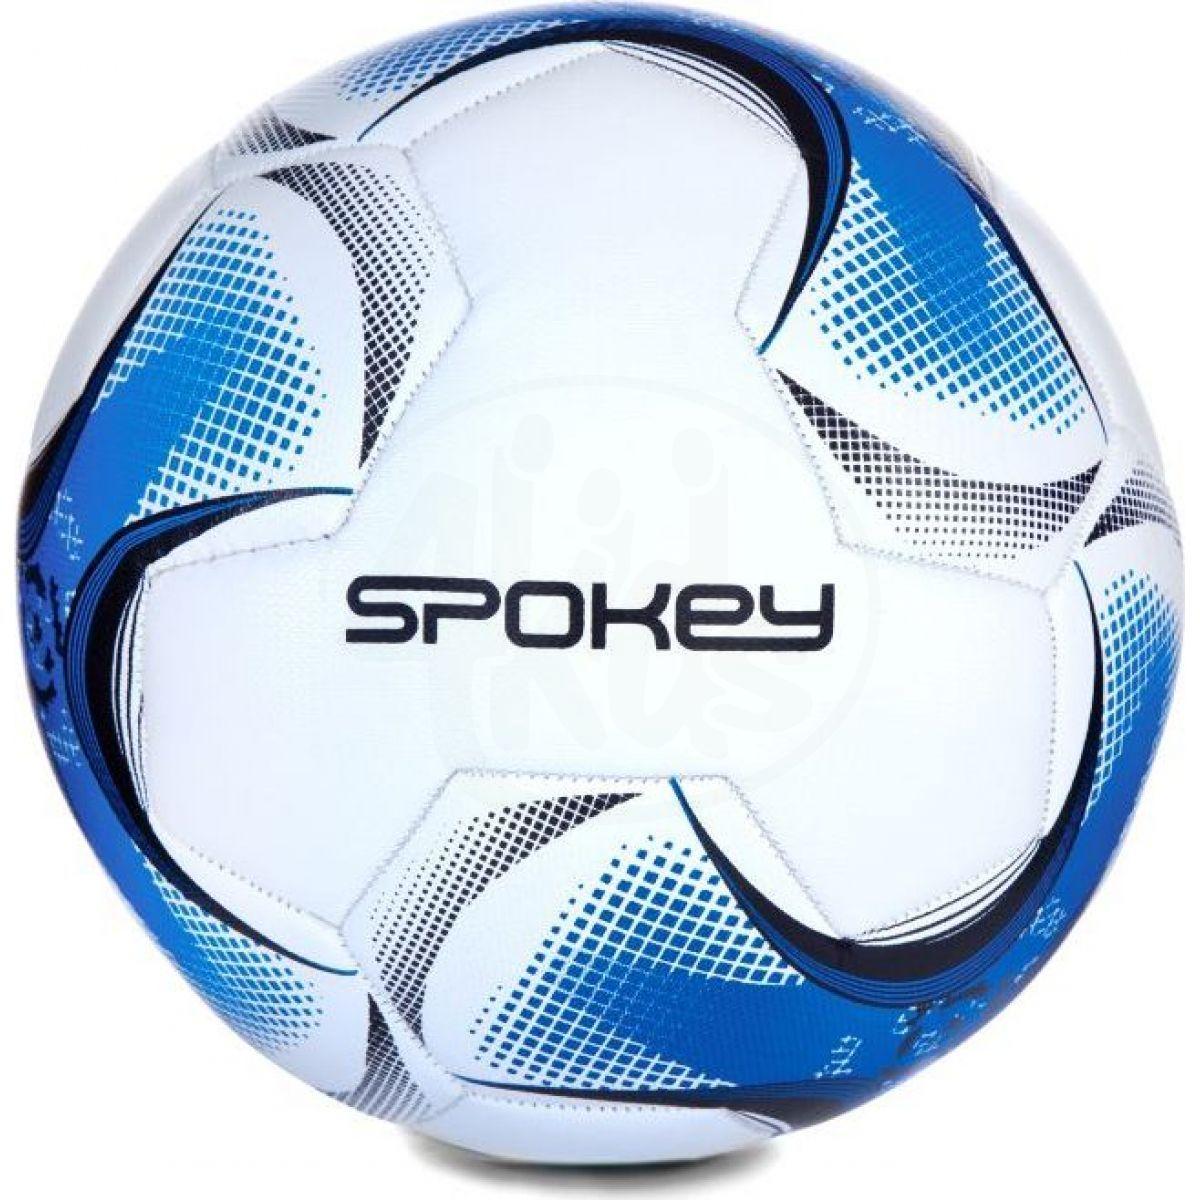 Spokey Razor Fotbalový míč velikosti 5 bíločernomodrý